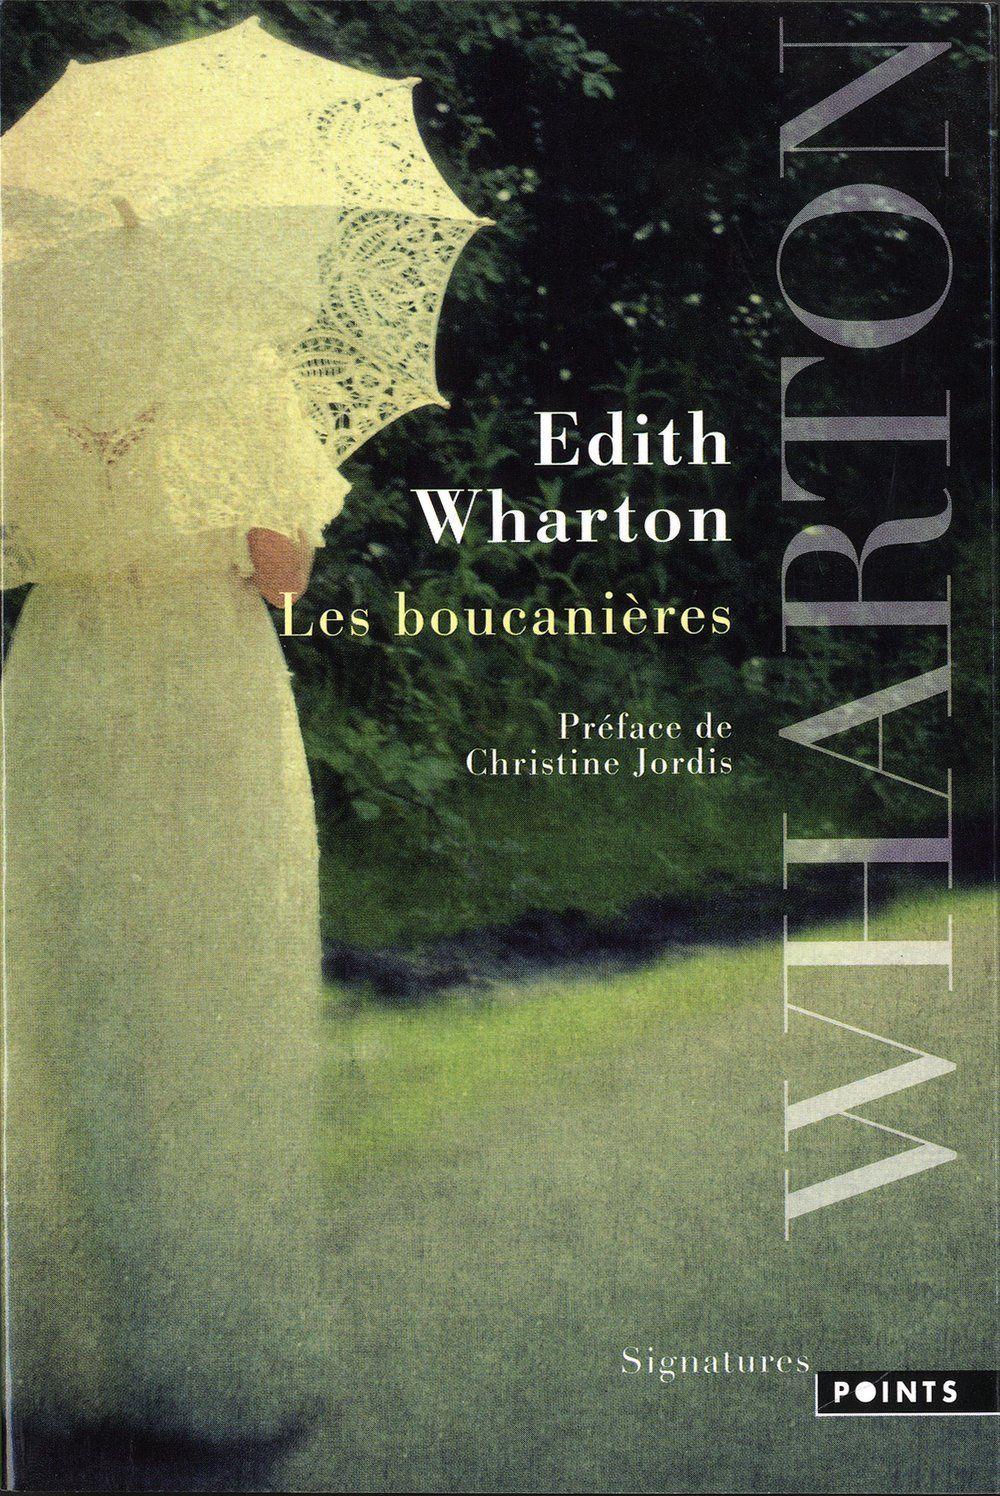 Les boucanières - Edith Wharton, Christine Jordis, Gabrielle Rolin - Livres